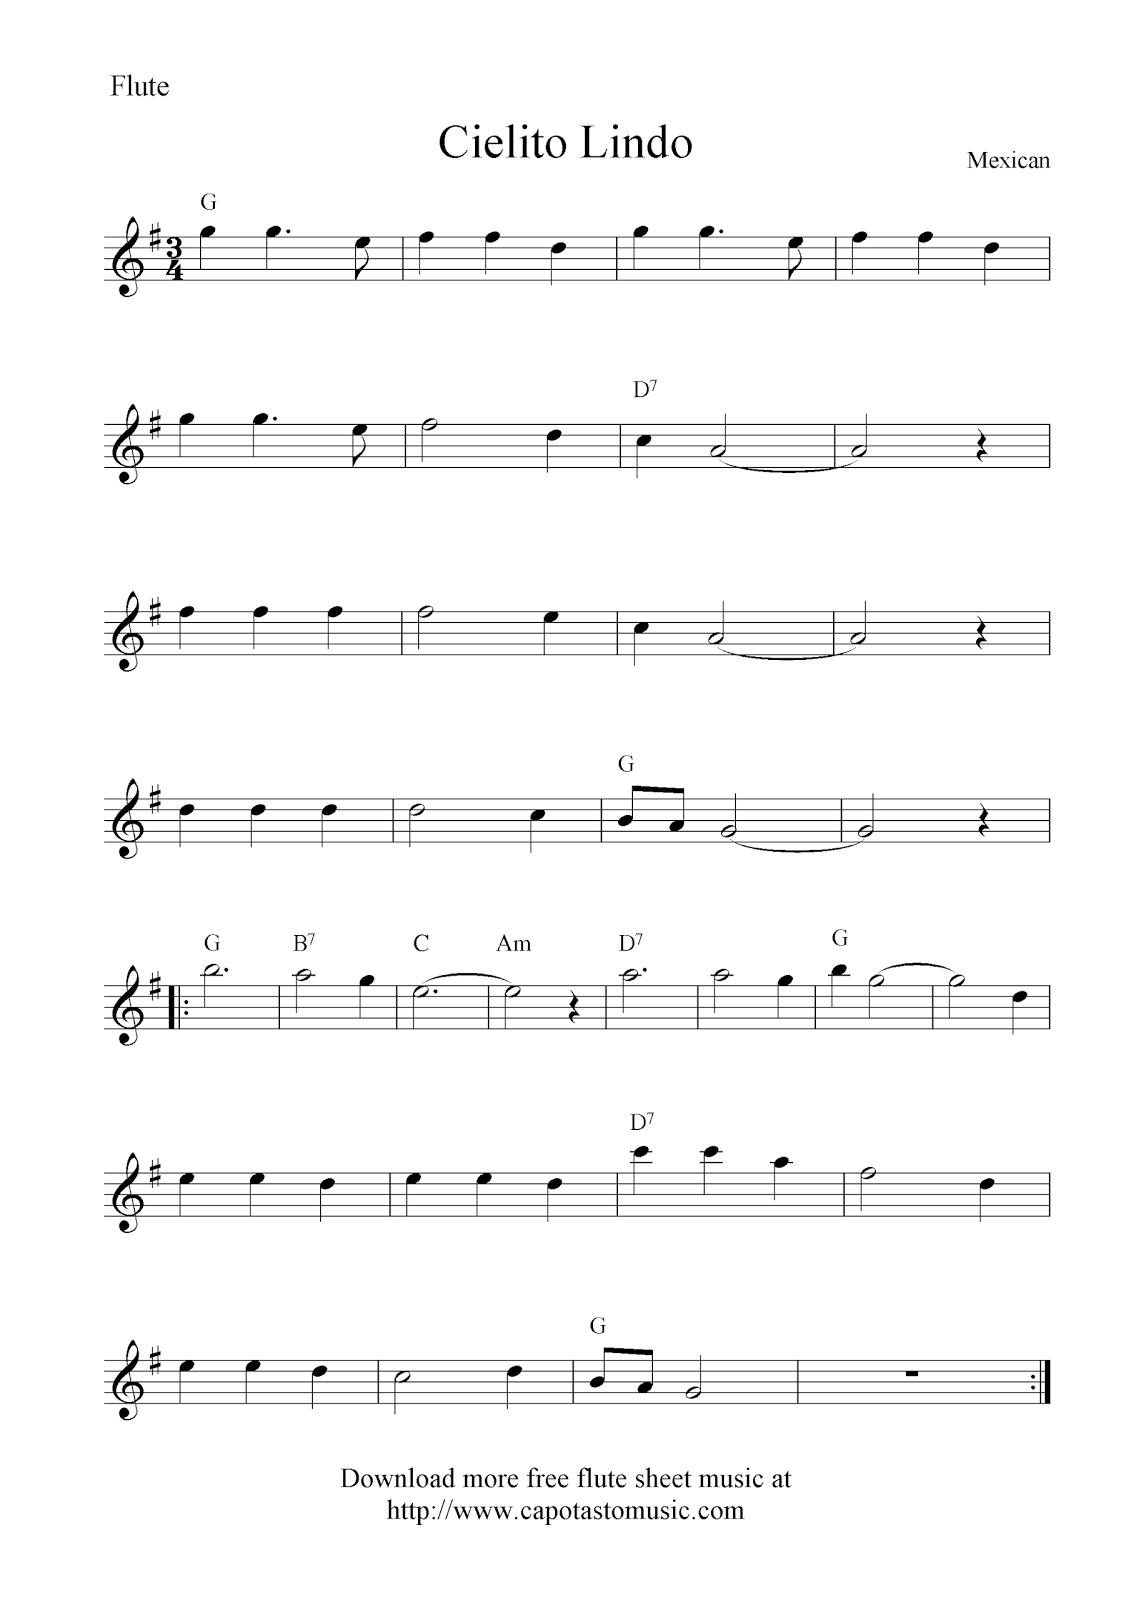 Cielito lindo free flute sheet music notes